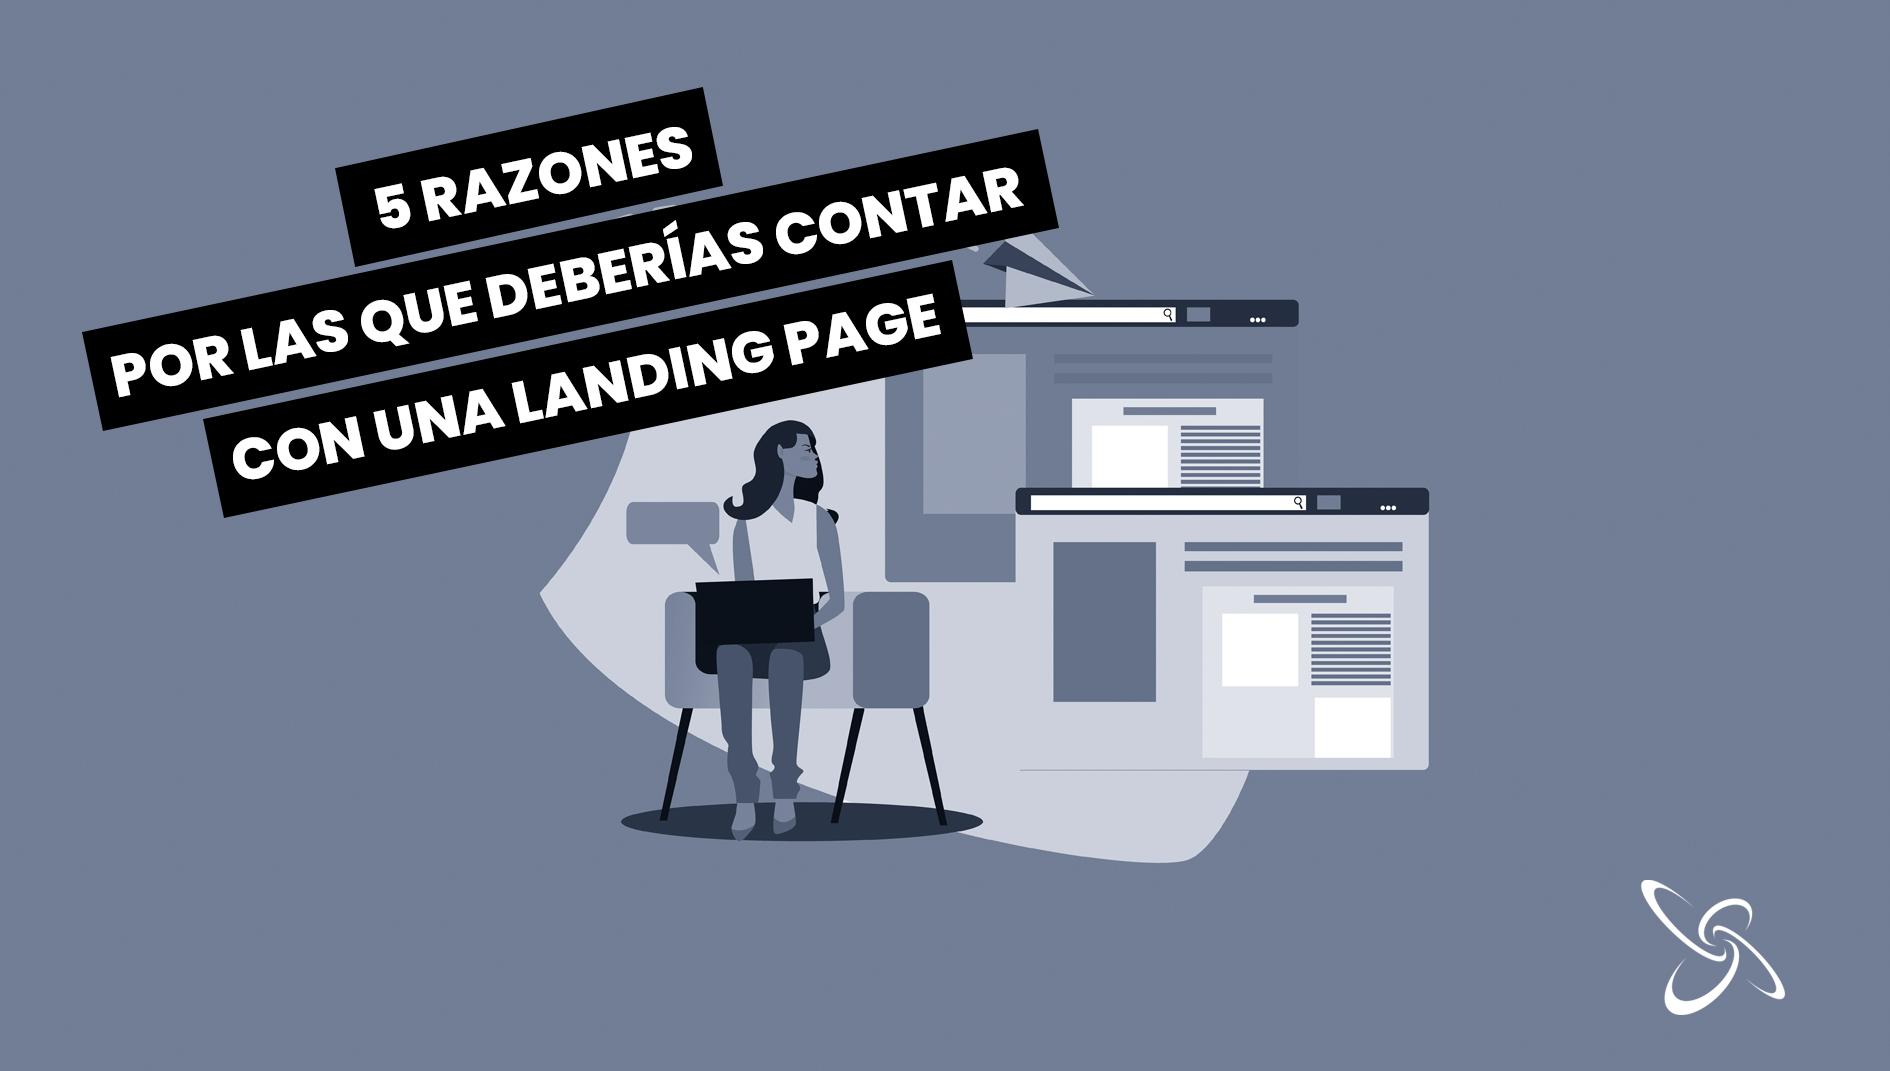 5 razones por las que deberías contar con una landing page